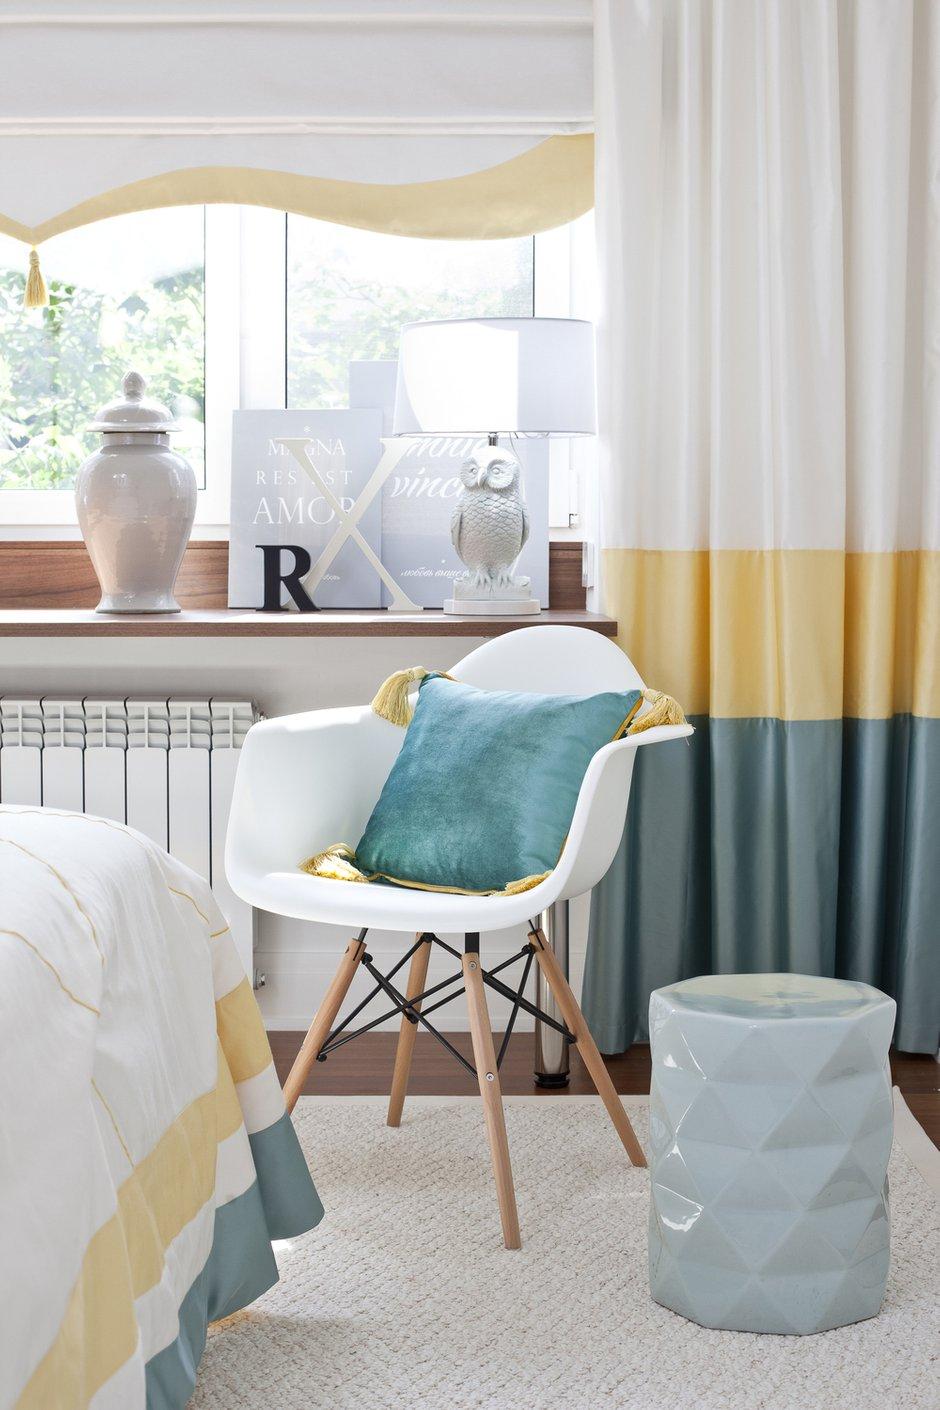 Фотография: Спальня в стиле Скандинавский, Современный, Декор интерьера, Квартира, Дома и квартиры, IKEA – фото на INMYROOM